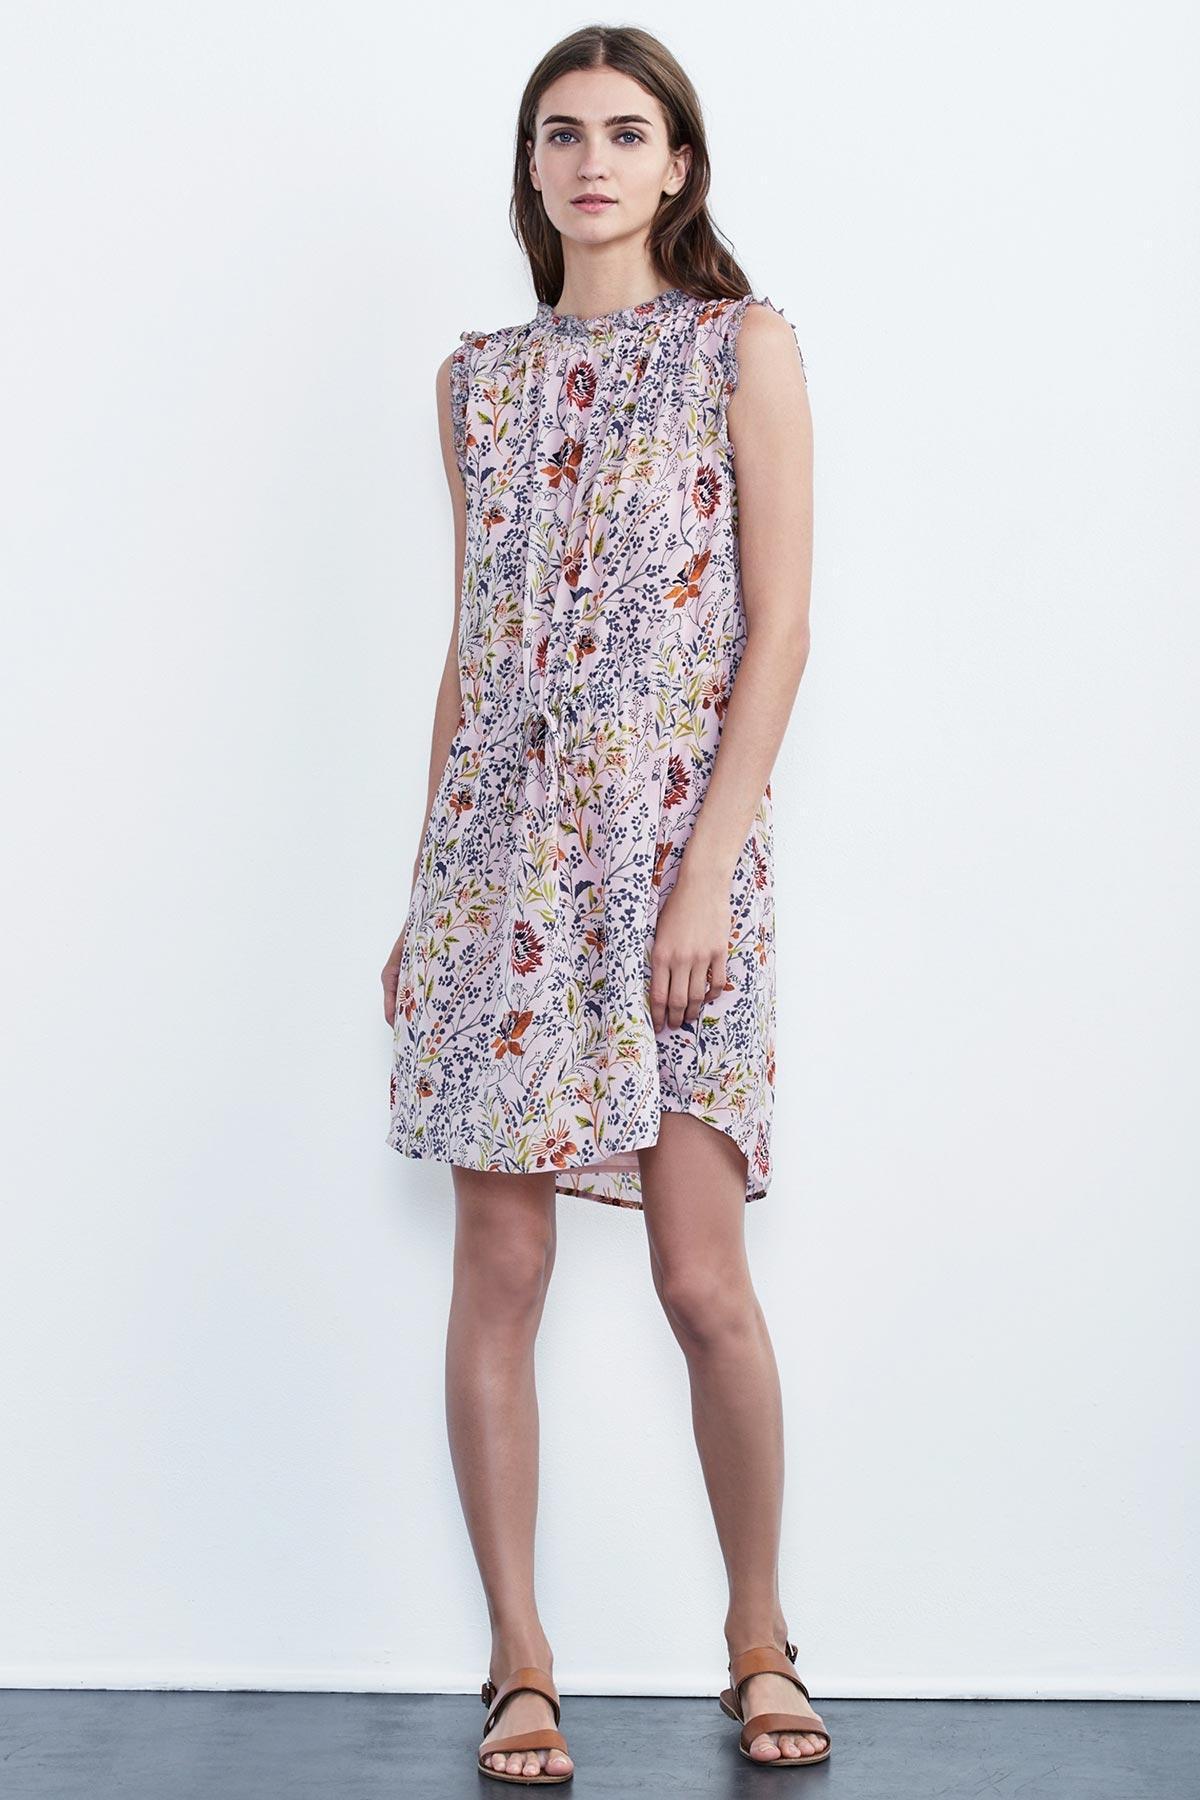 Raelynn printed sleeveless dress Velvet ge8MRx7Ypi